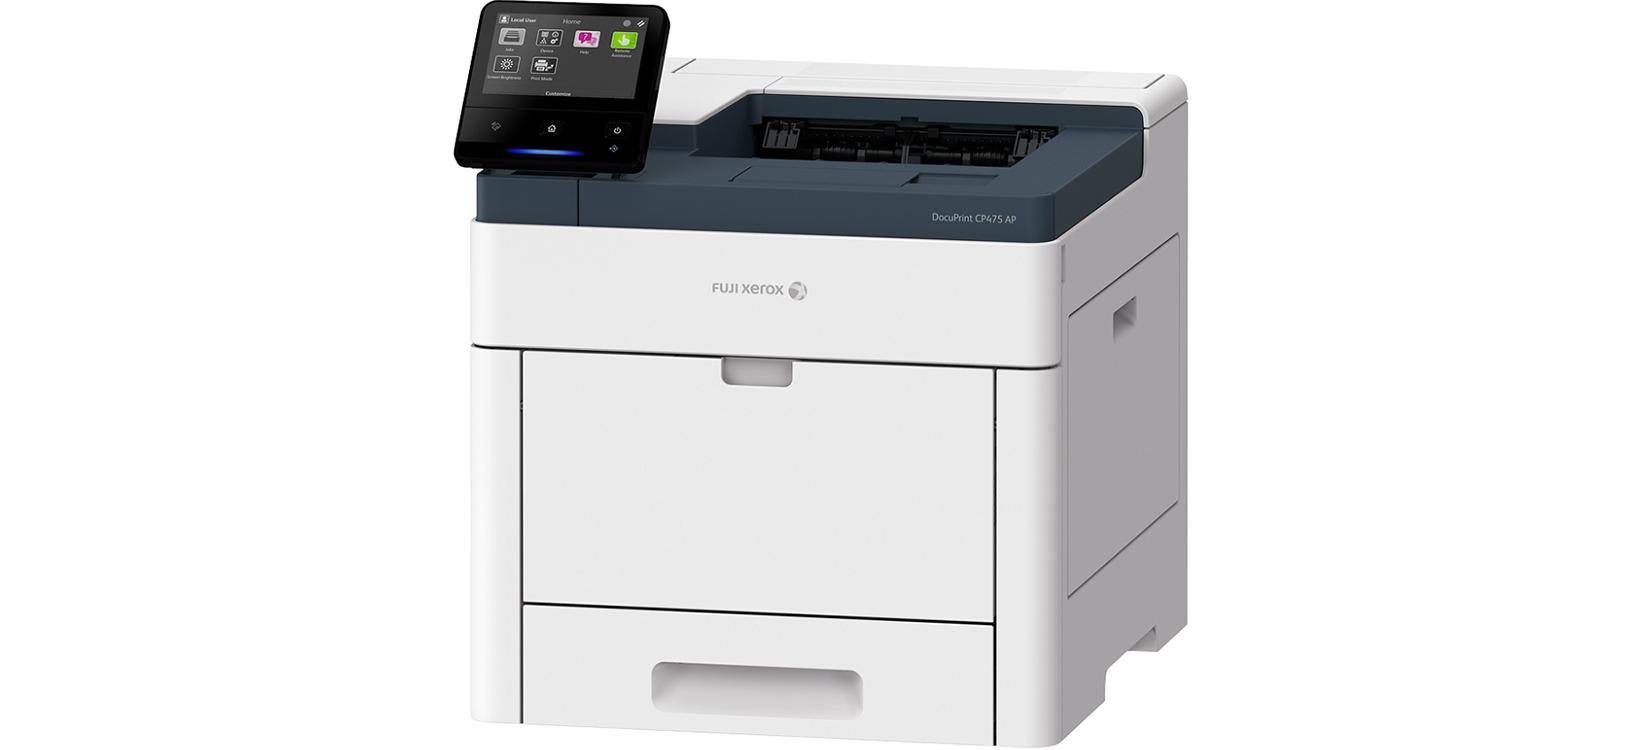 Máy in Fuji Xerox DocuPrint CP475 AP